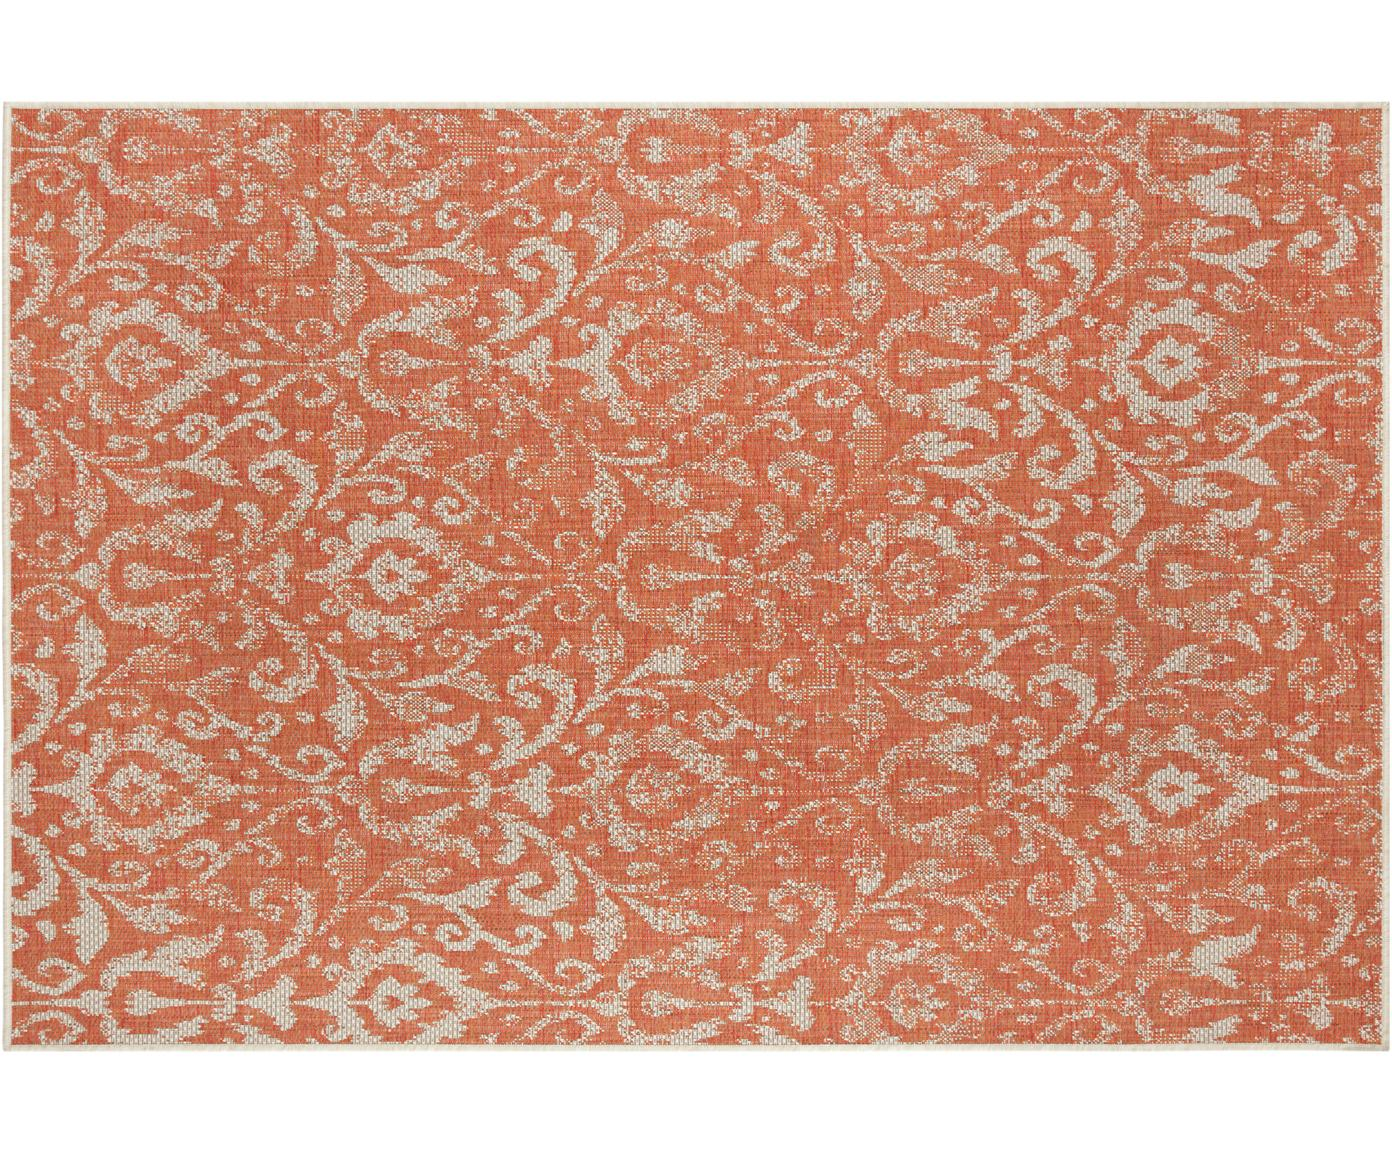 In- & Outdoor-Teppich Hatta im Vintage Look, 100% Polypropylen, Orangenrot, Beige, B 70 x L 140 cm (Größe XS)